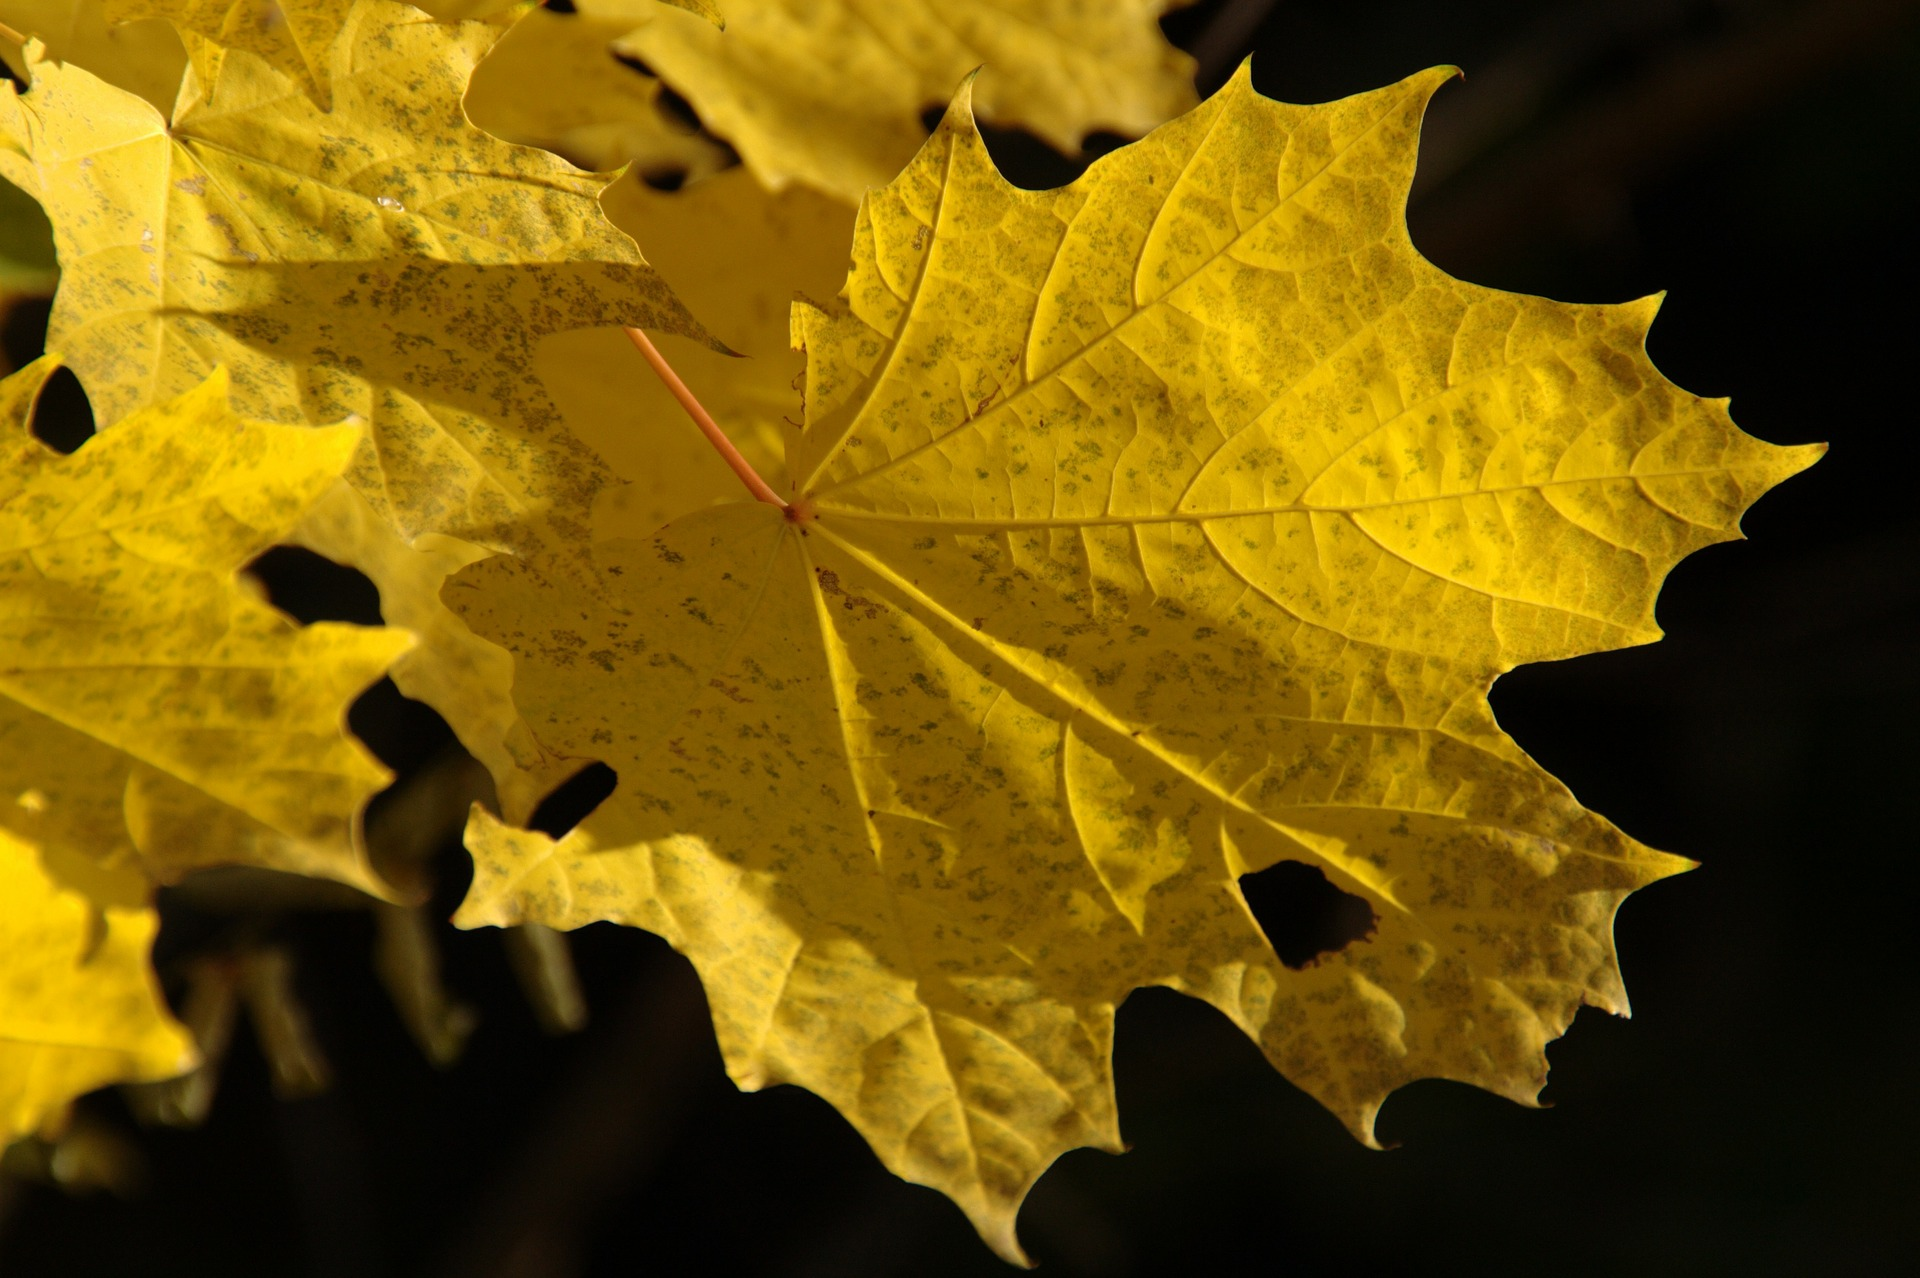 Llega el otoño: ¿Por qué las hojas cambian de color?